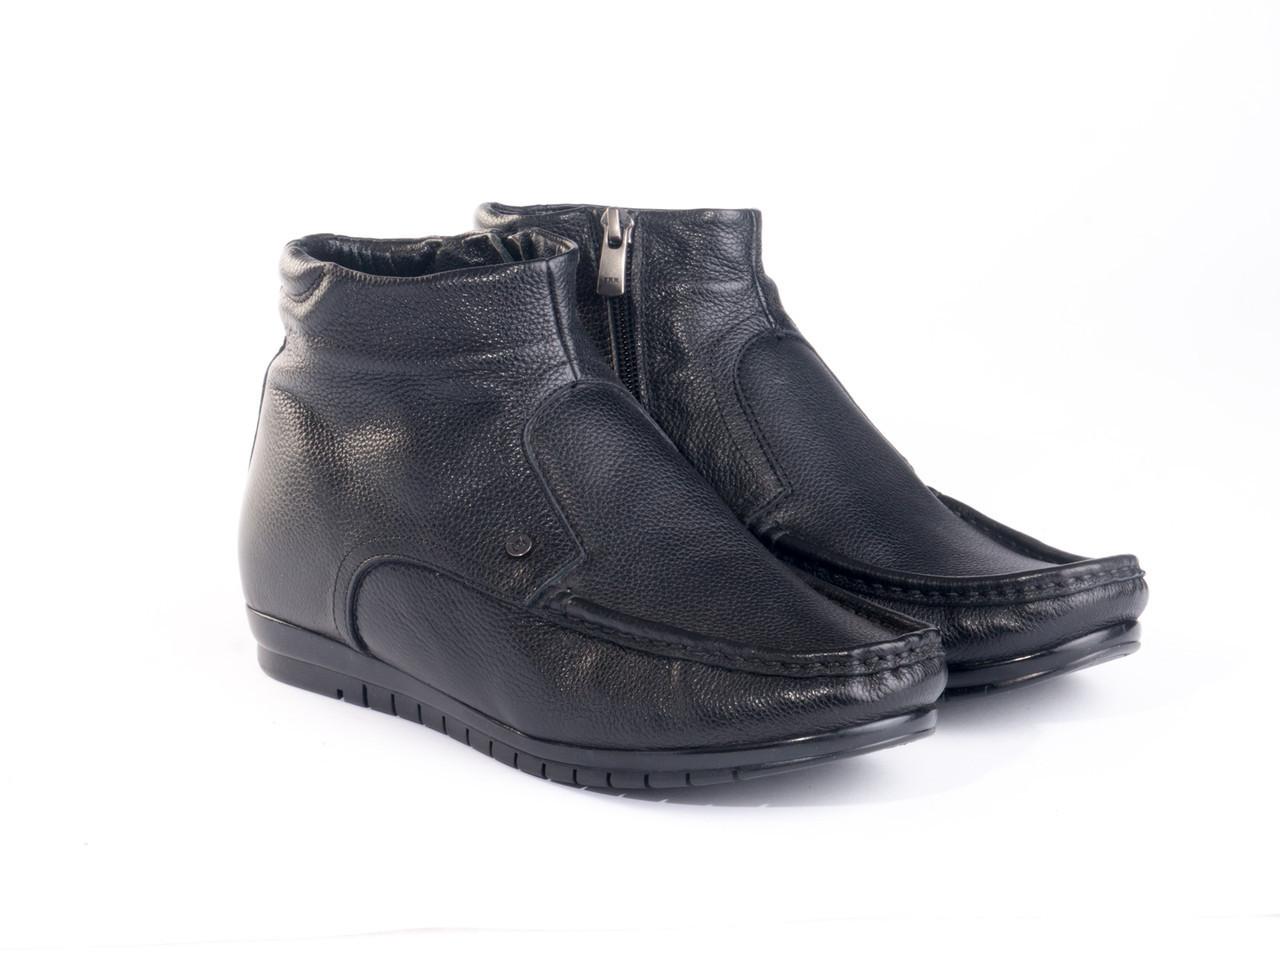 Ботинки Etor 12215-8731  41 черные